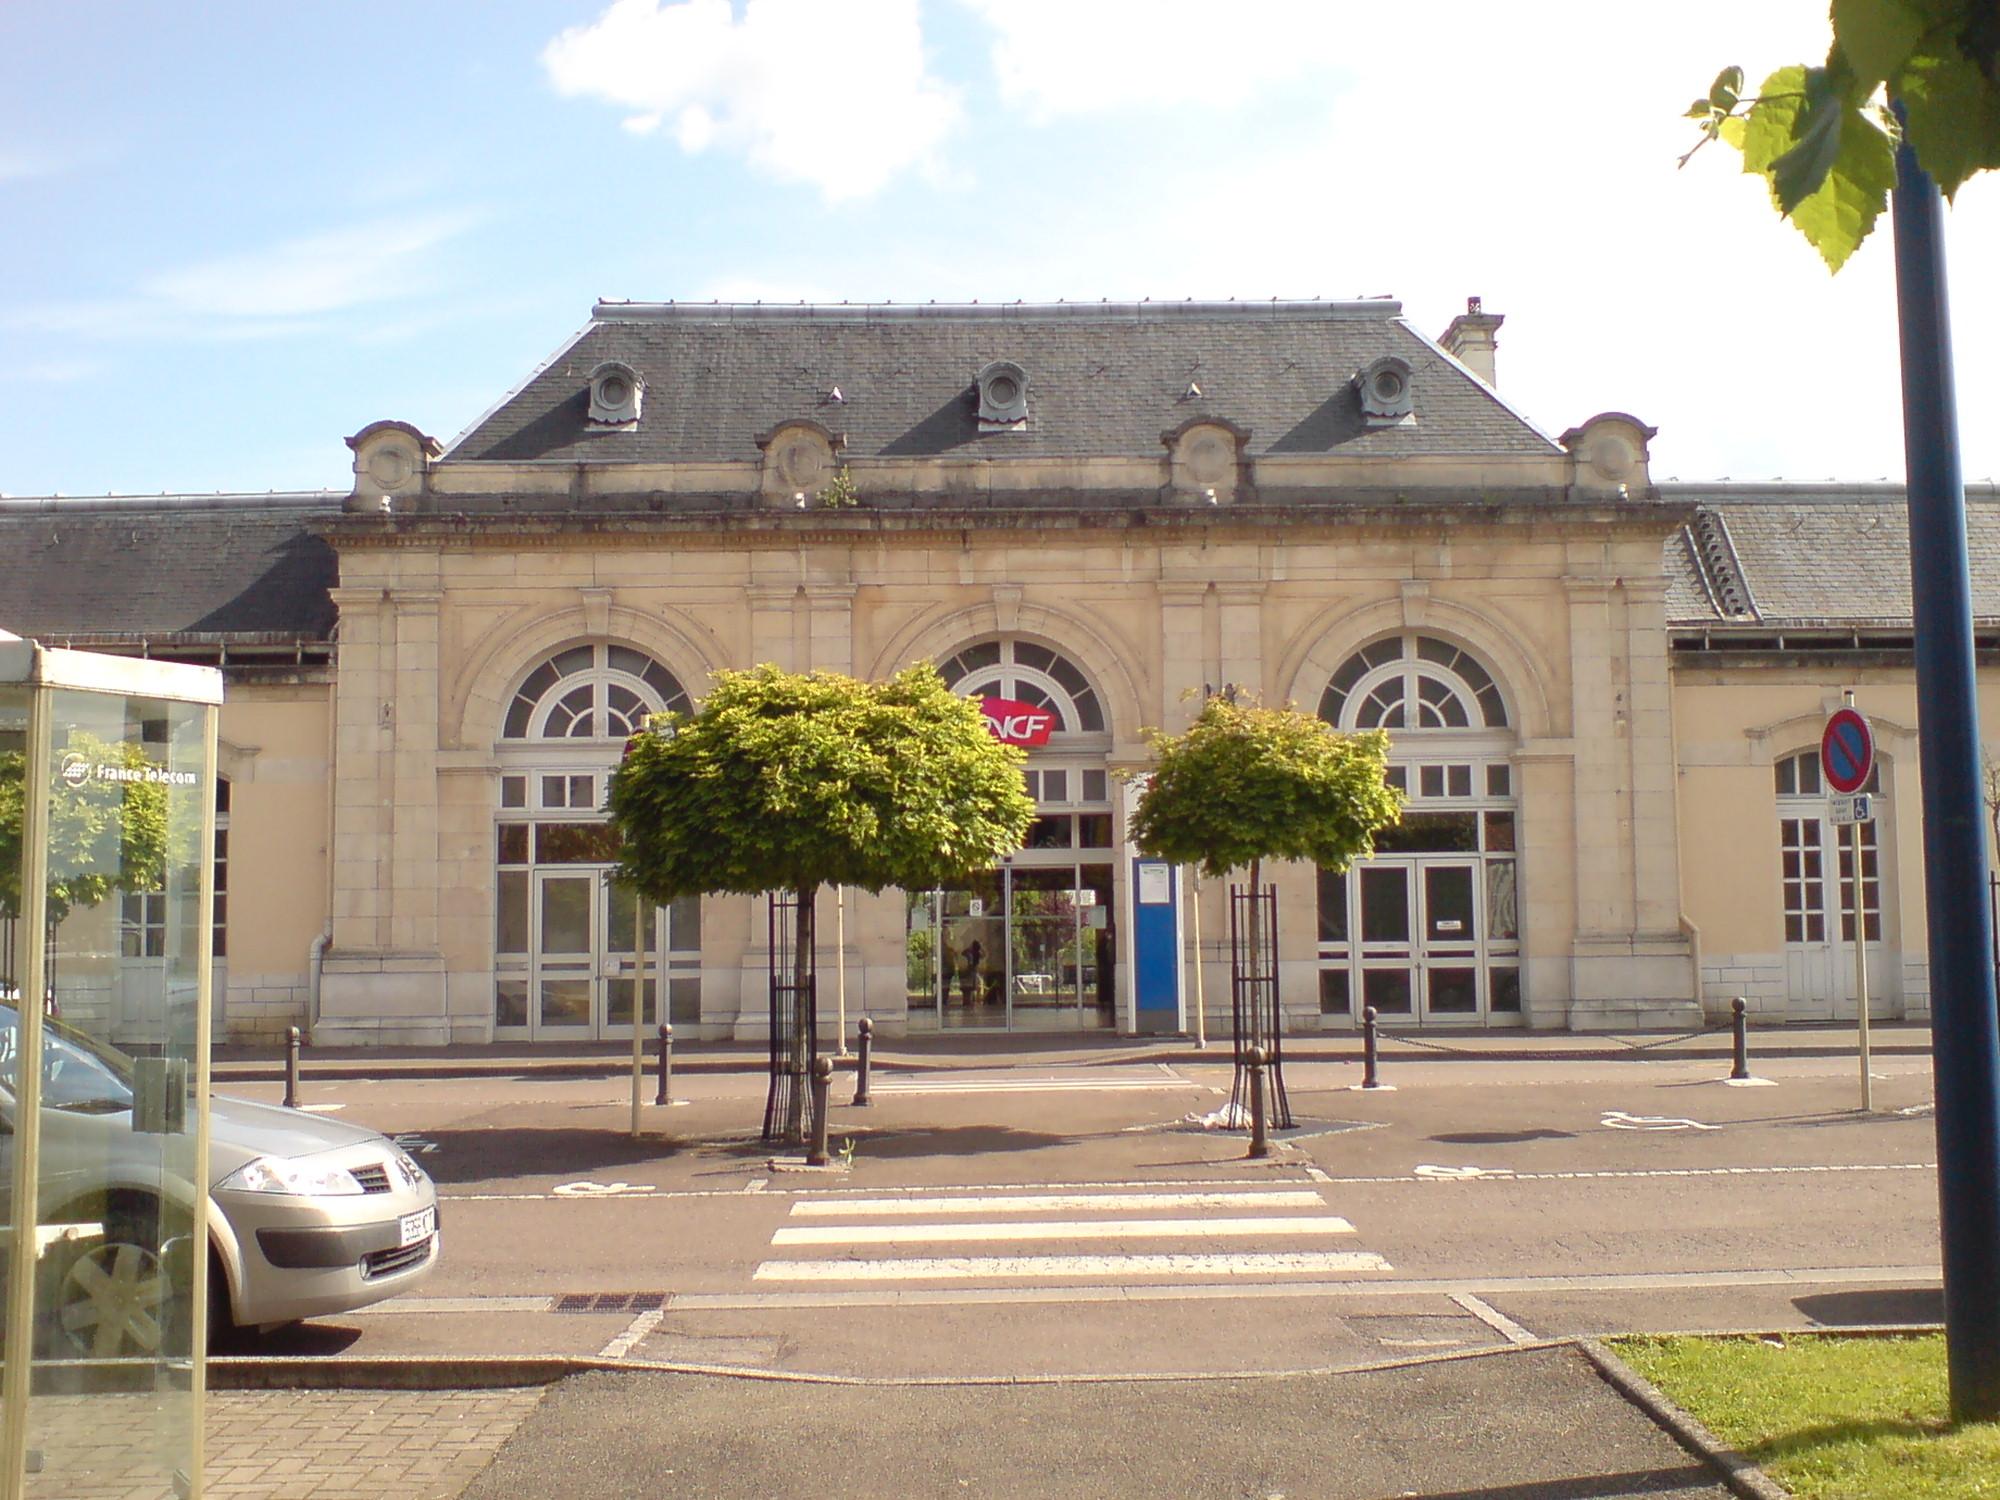 Gare de lure - Horaire piscine blainville ...